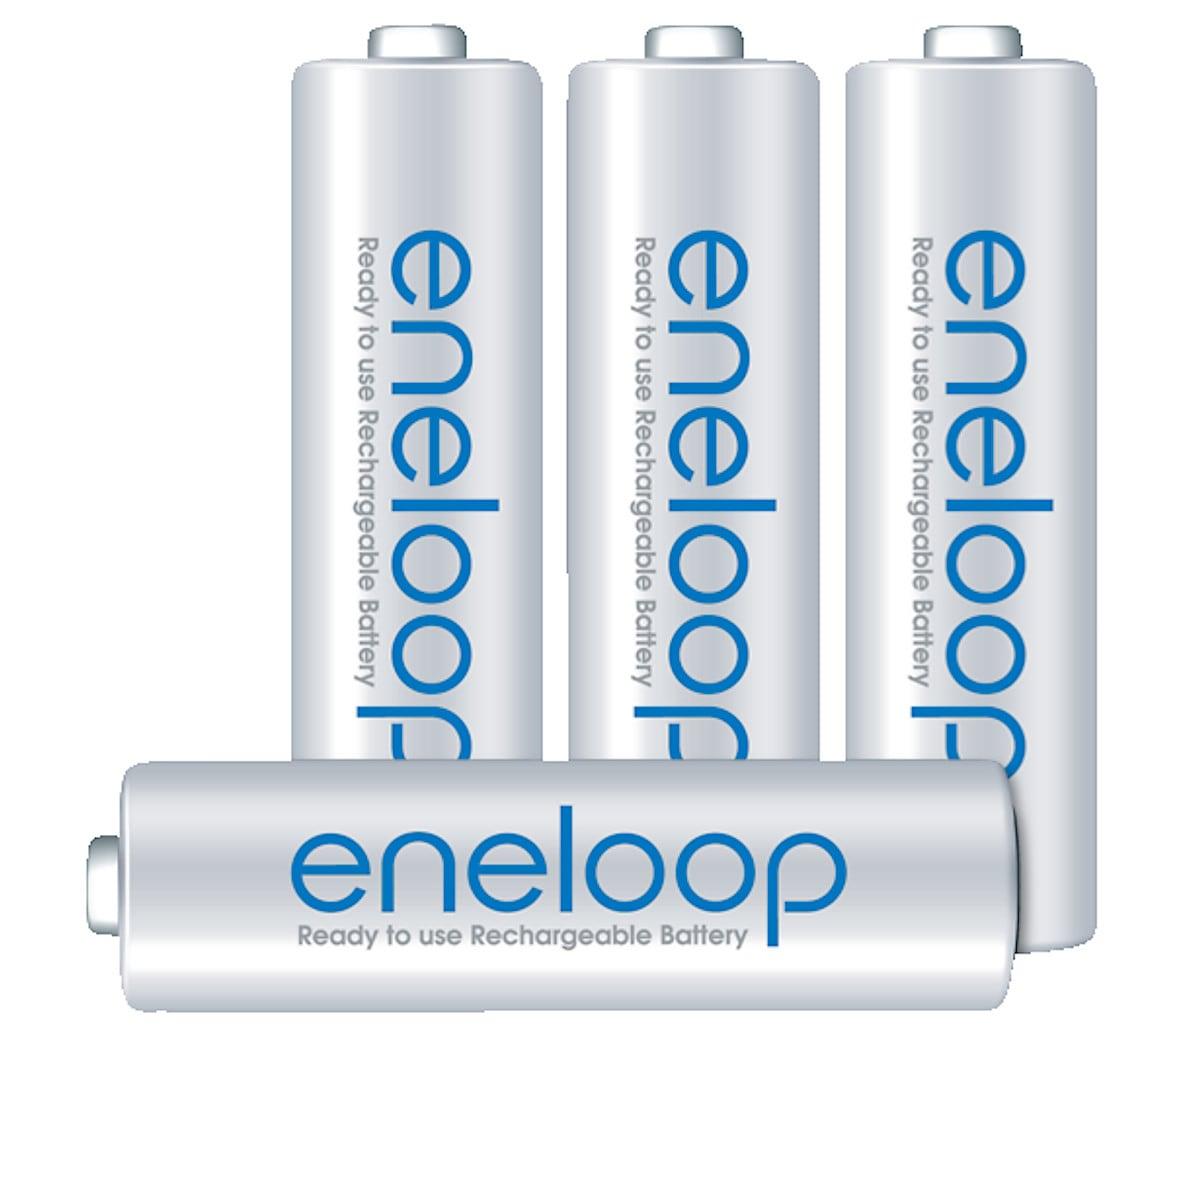 Sanyo Eneloop Rechargeable Battery